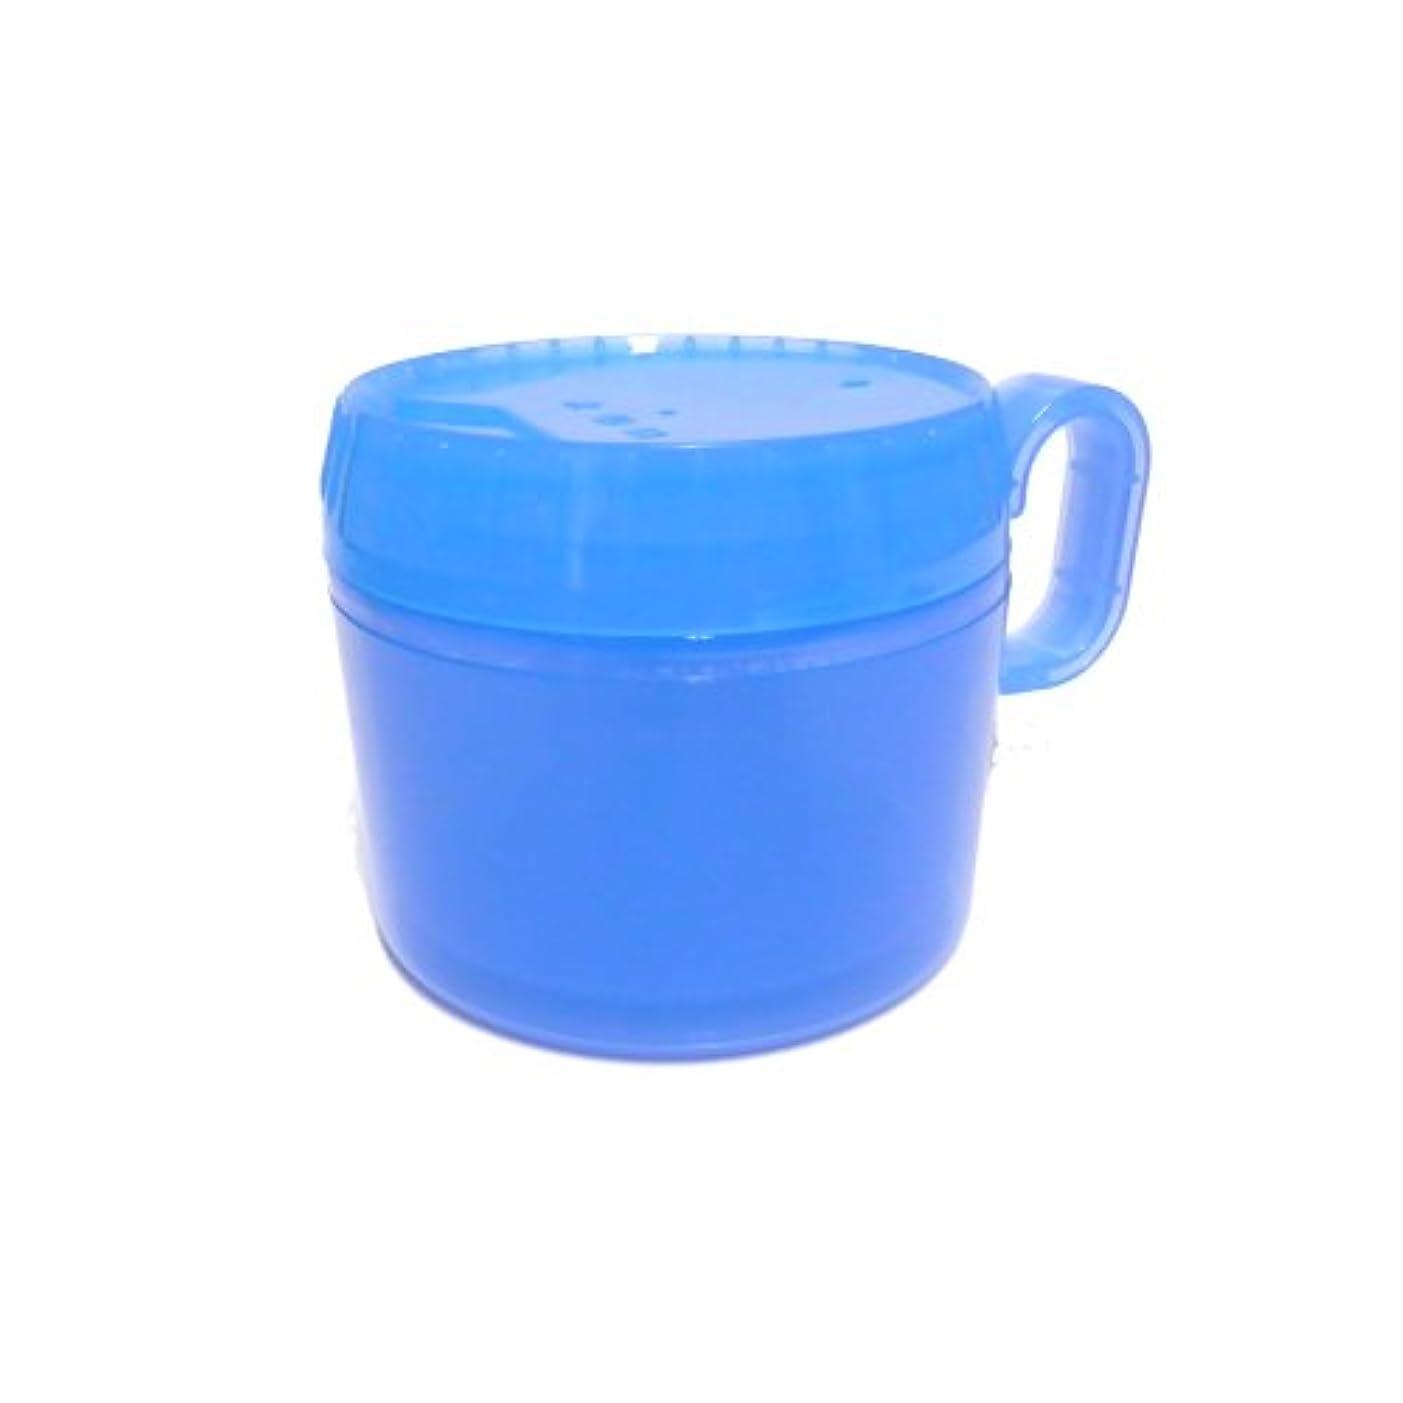 汚れる試してみるキャッシュニッシン フィジオ クリーン キラリ 入れ歯 保温洗浄容器